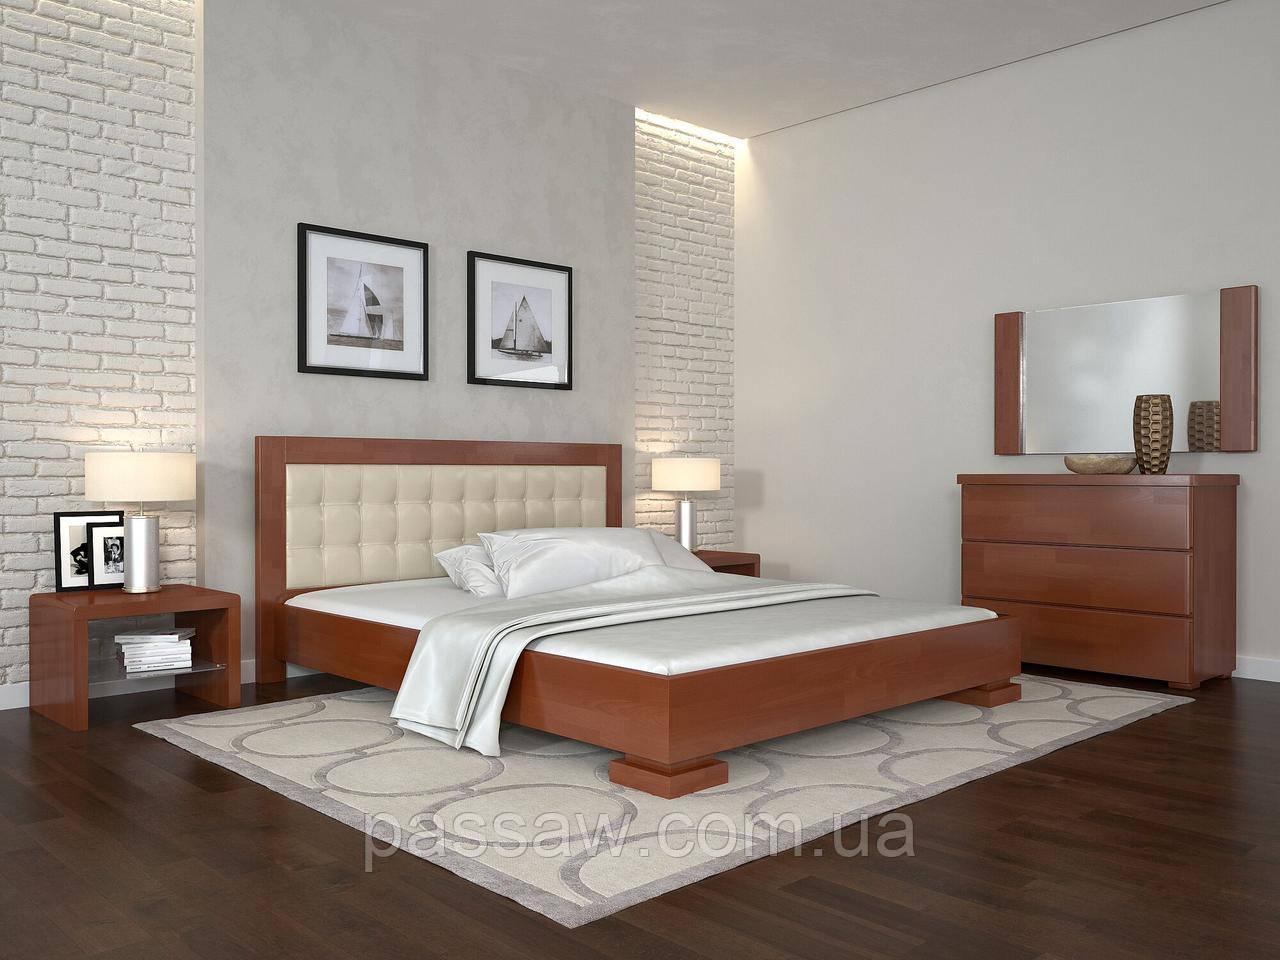 """Кровать деревянная ARBOR DREV  """"Монако"""" 1,2 сосна"""